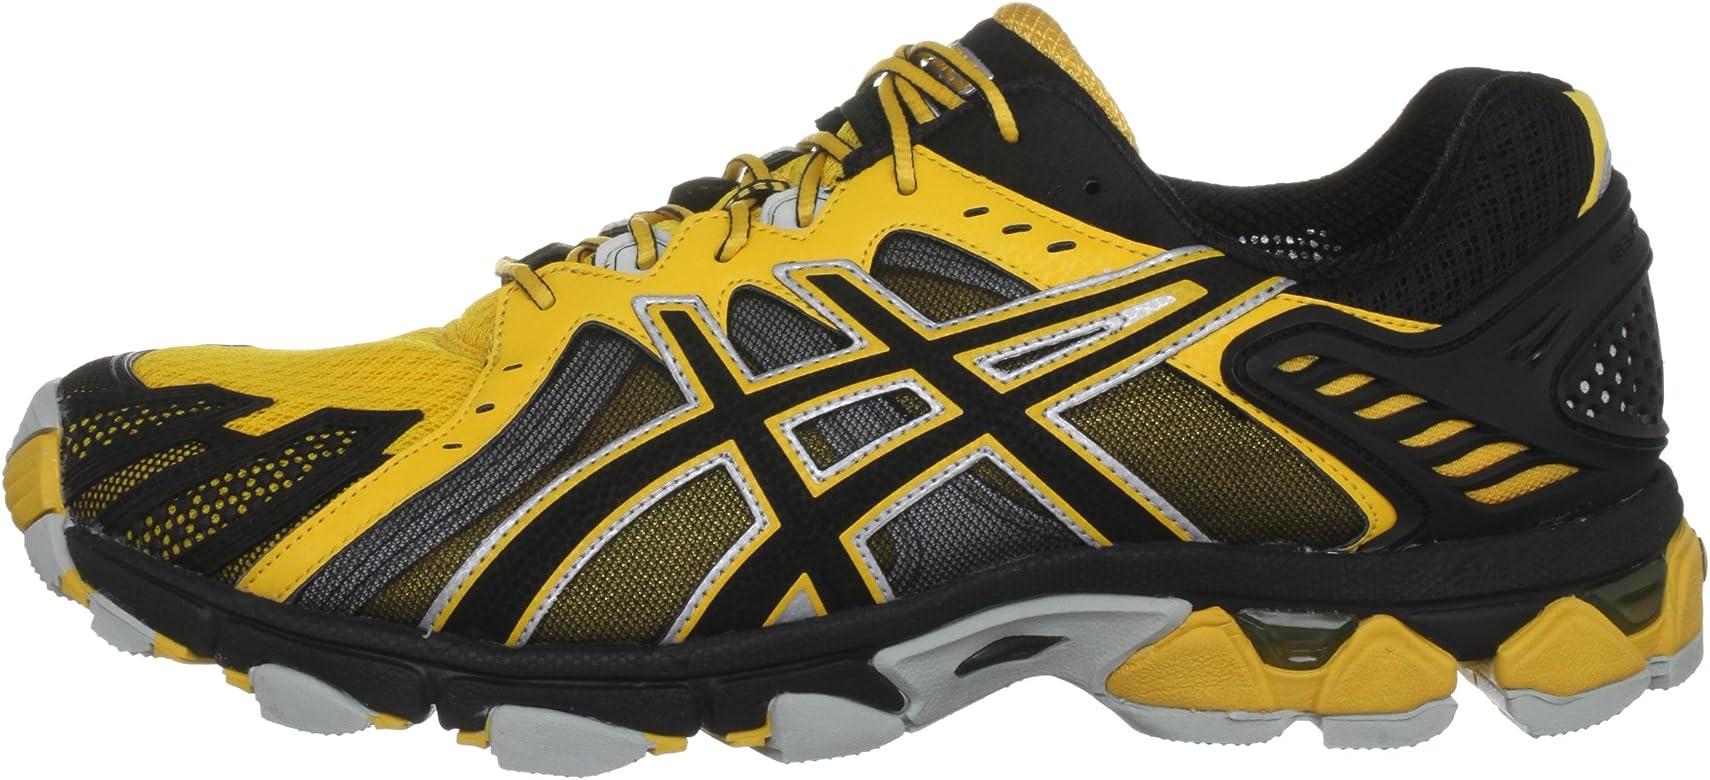 Asicsgel Trail Sensor 5 - Zapatillas de Running Hombre, Color Amarillo, Talla 44.5 EU: Amazon.es: Zapatos y complementos